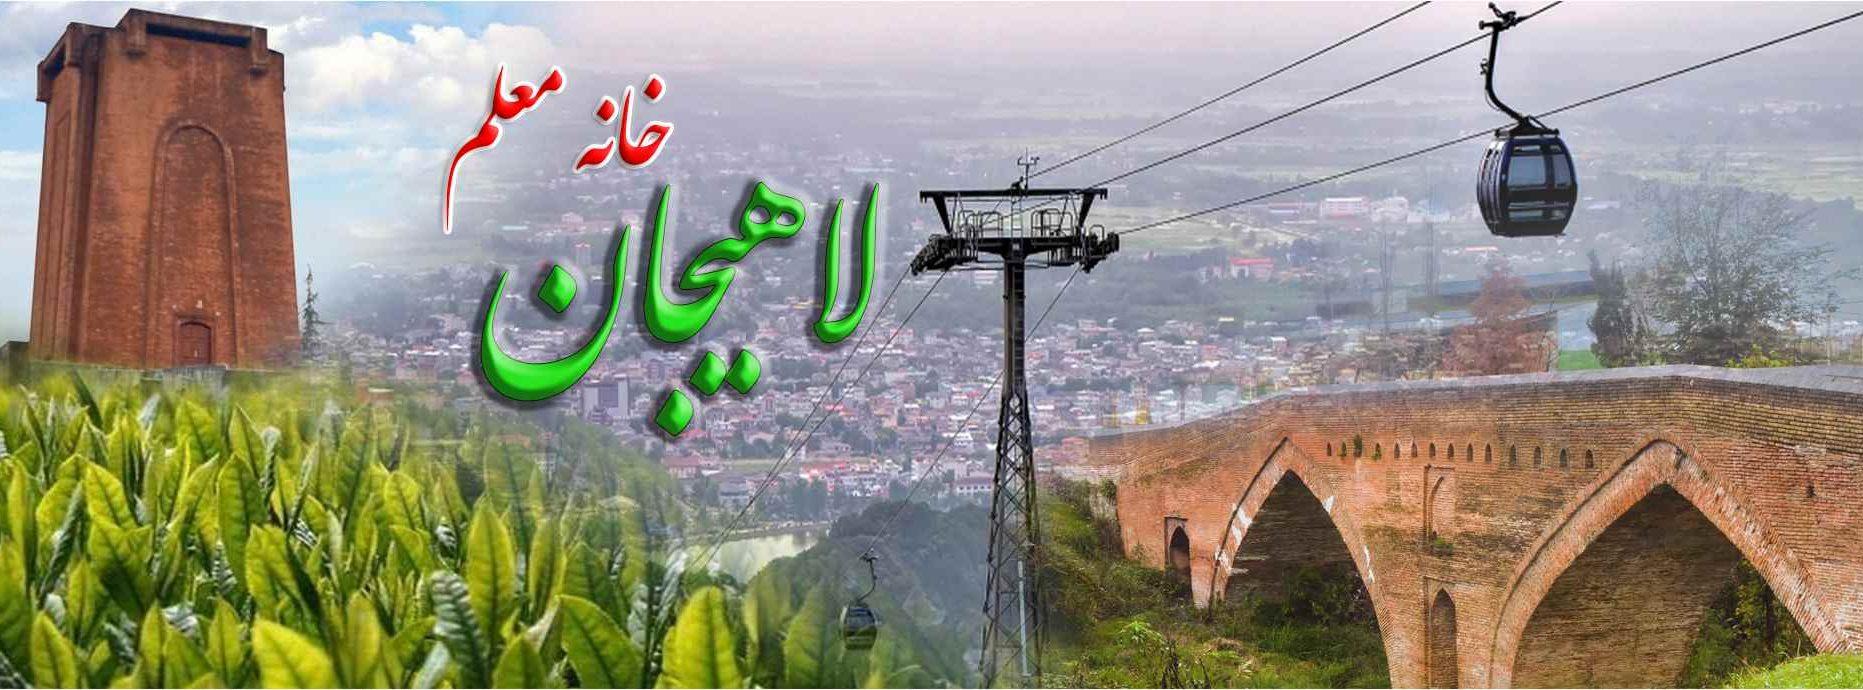 iran_lahijan_home_bityar_tea_kashef_al_saltane-Copy-1-1863x690